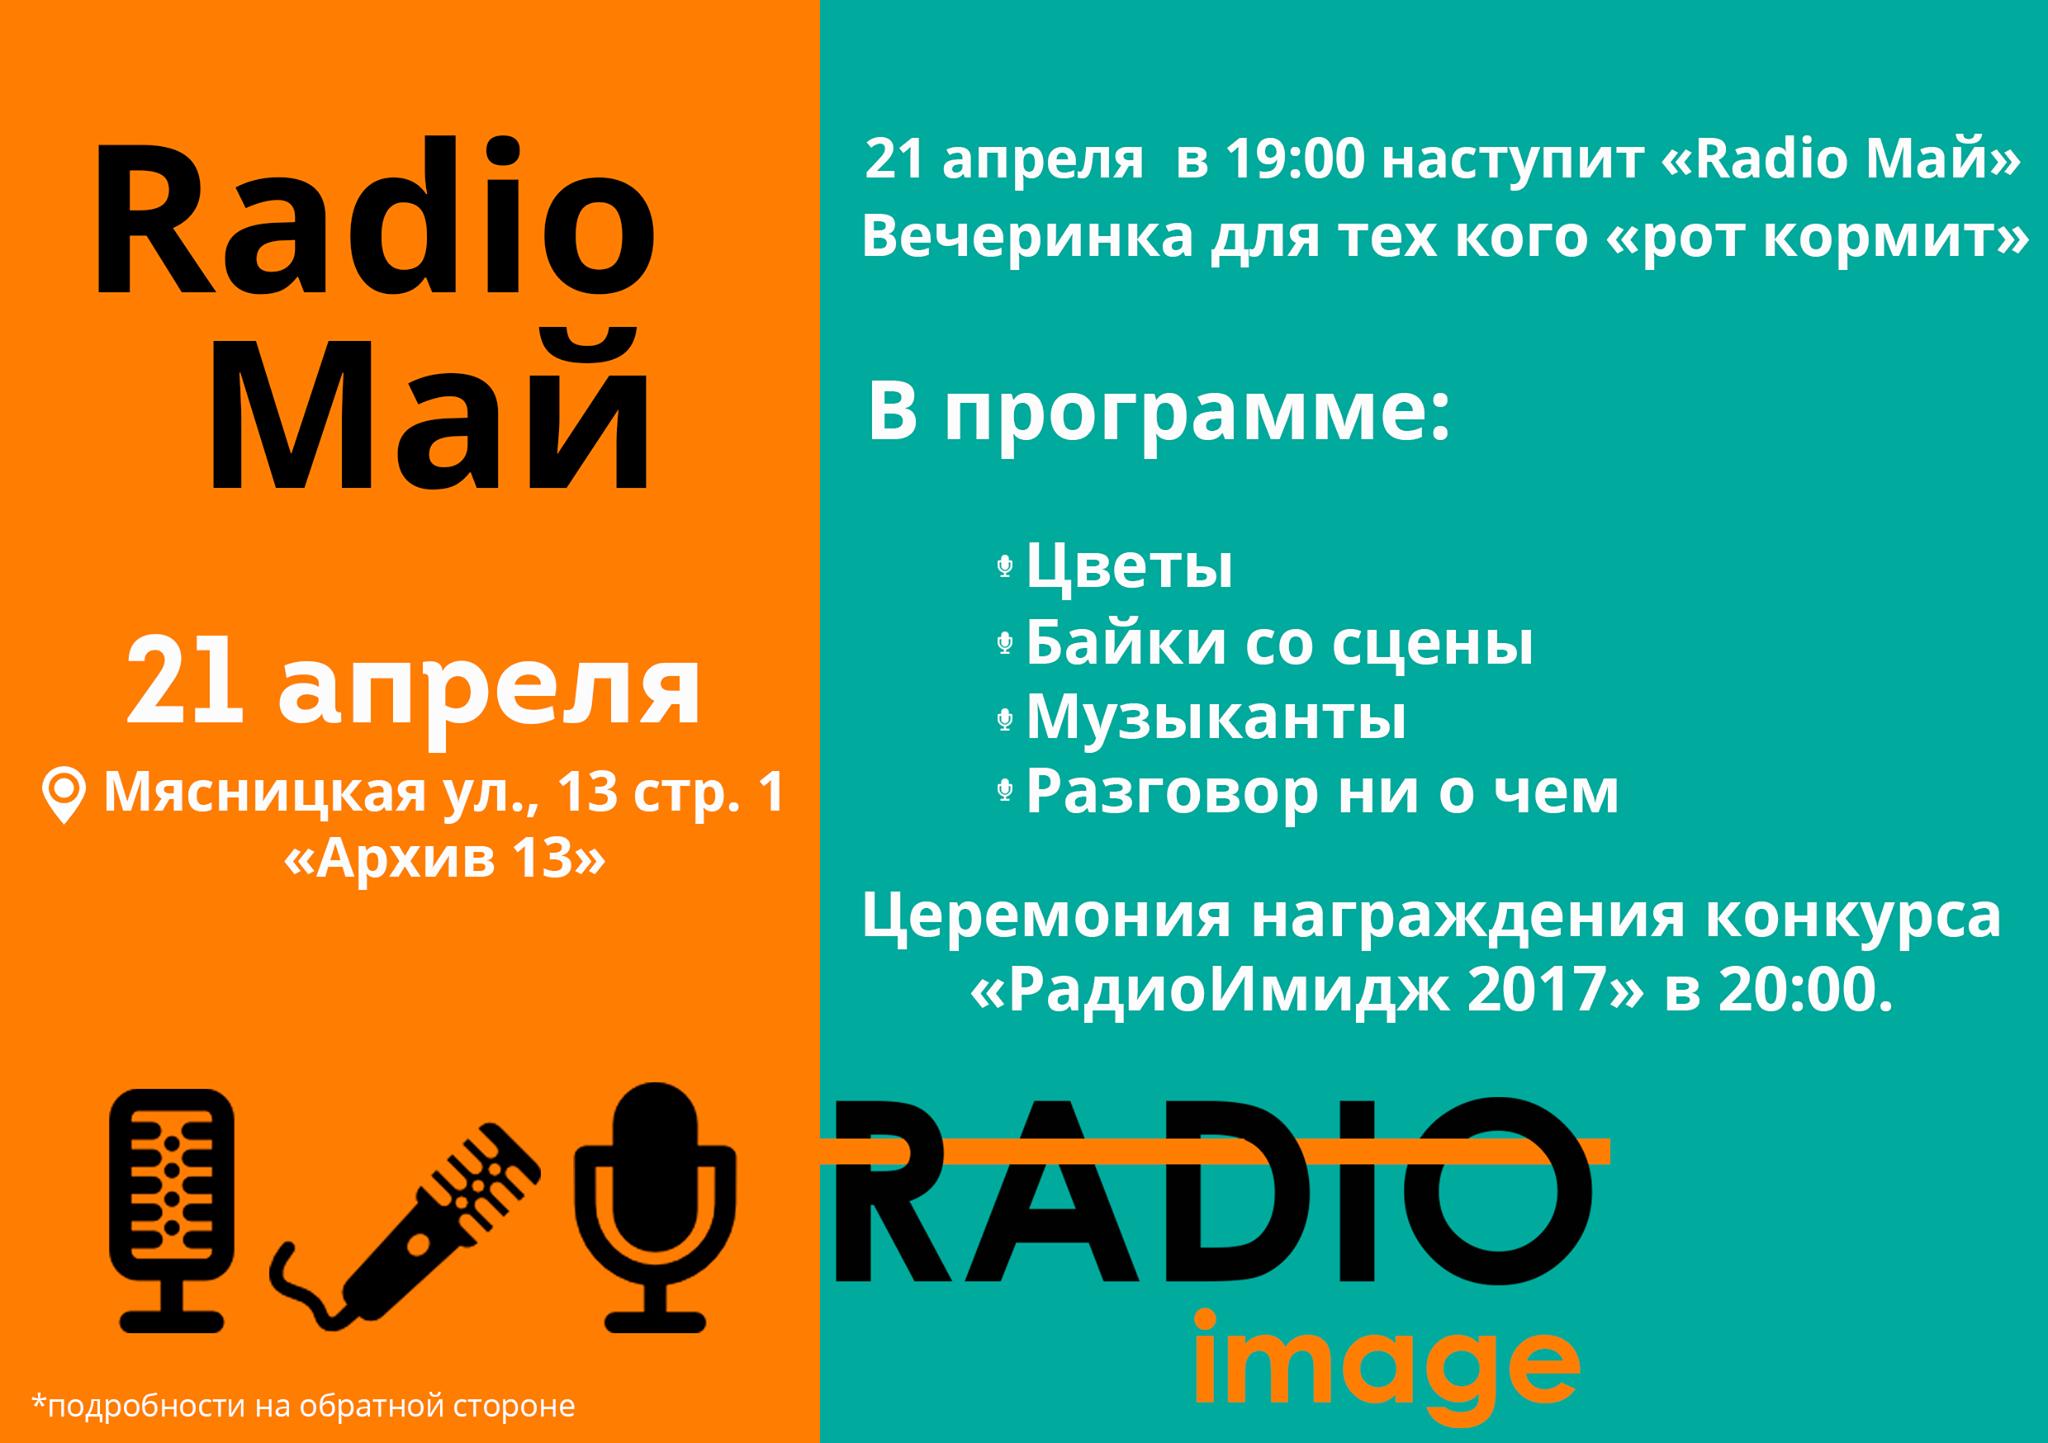 Радио конкурсы на сайтах